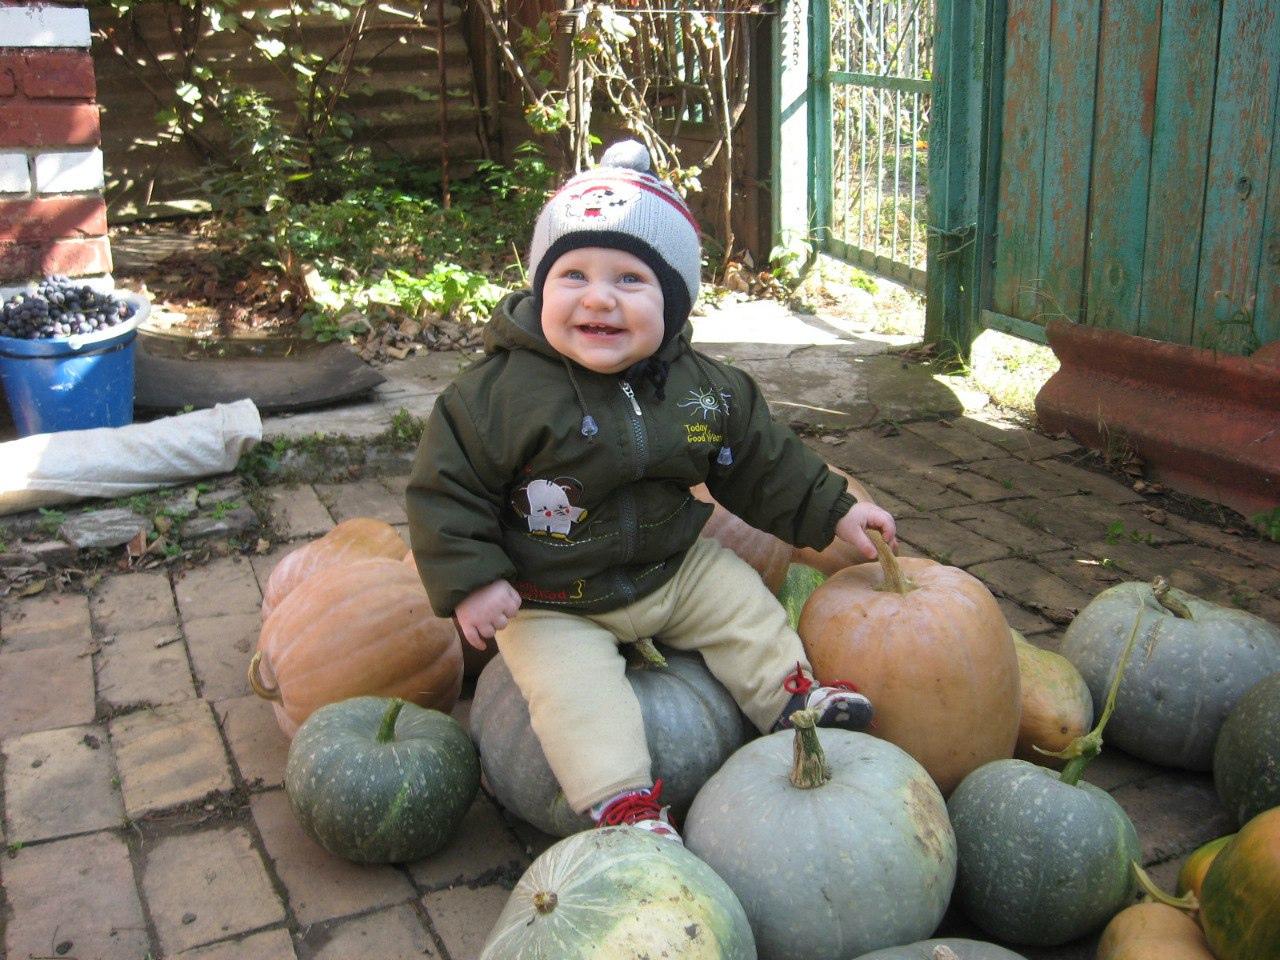 Сергей Столяренко, Армавир - фото №13